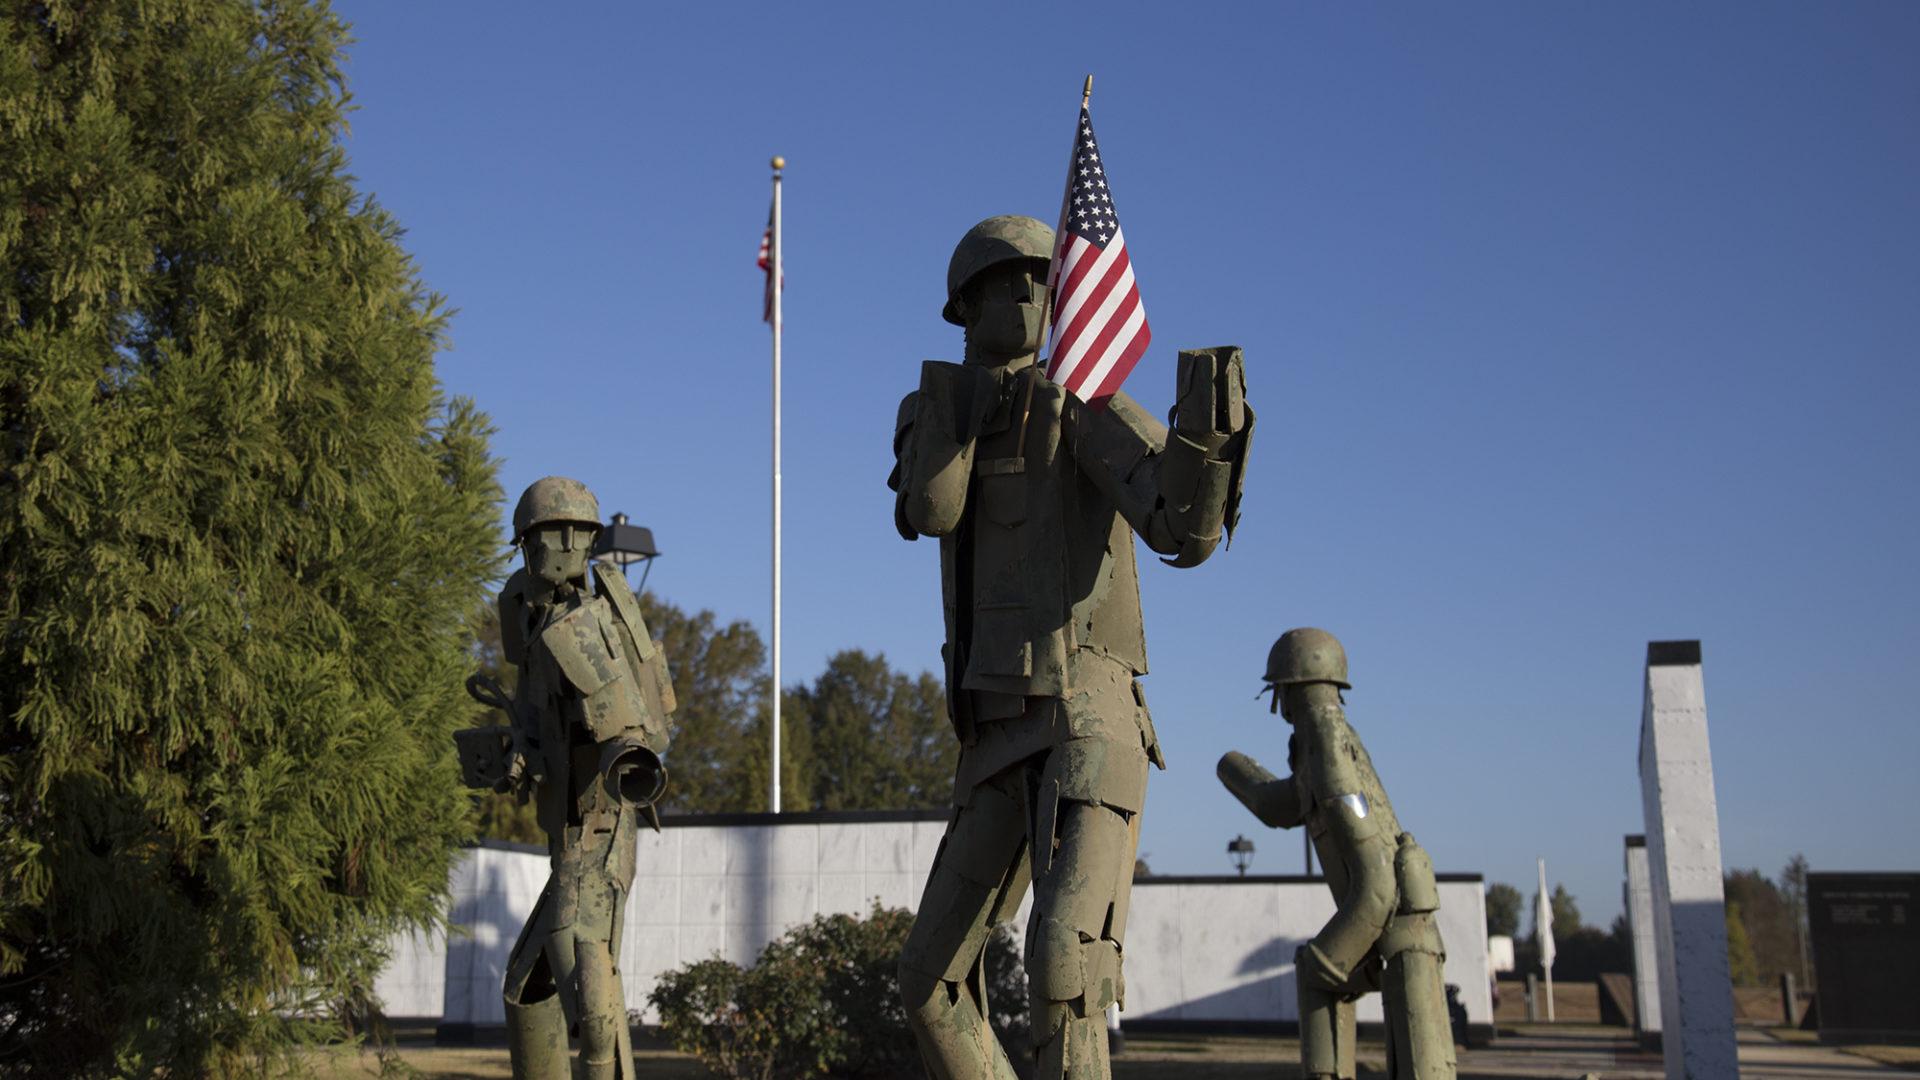 Carroll County Veterans Memorial Park